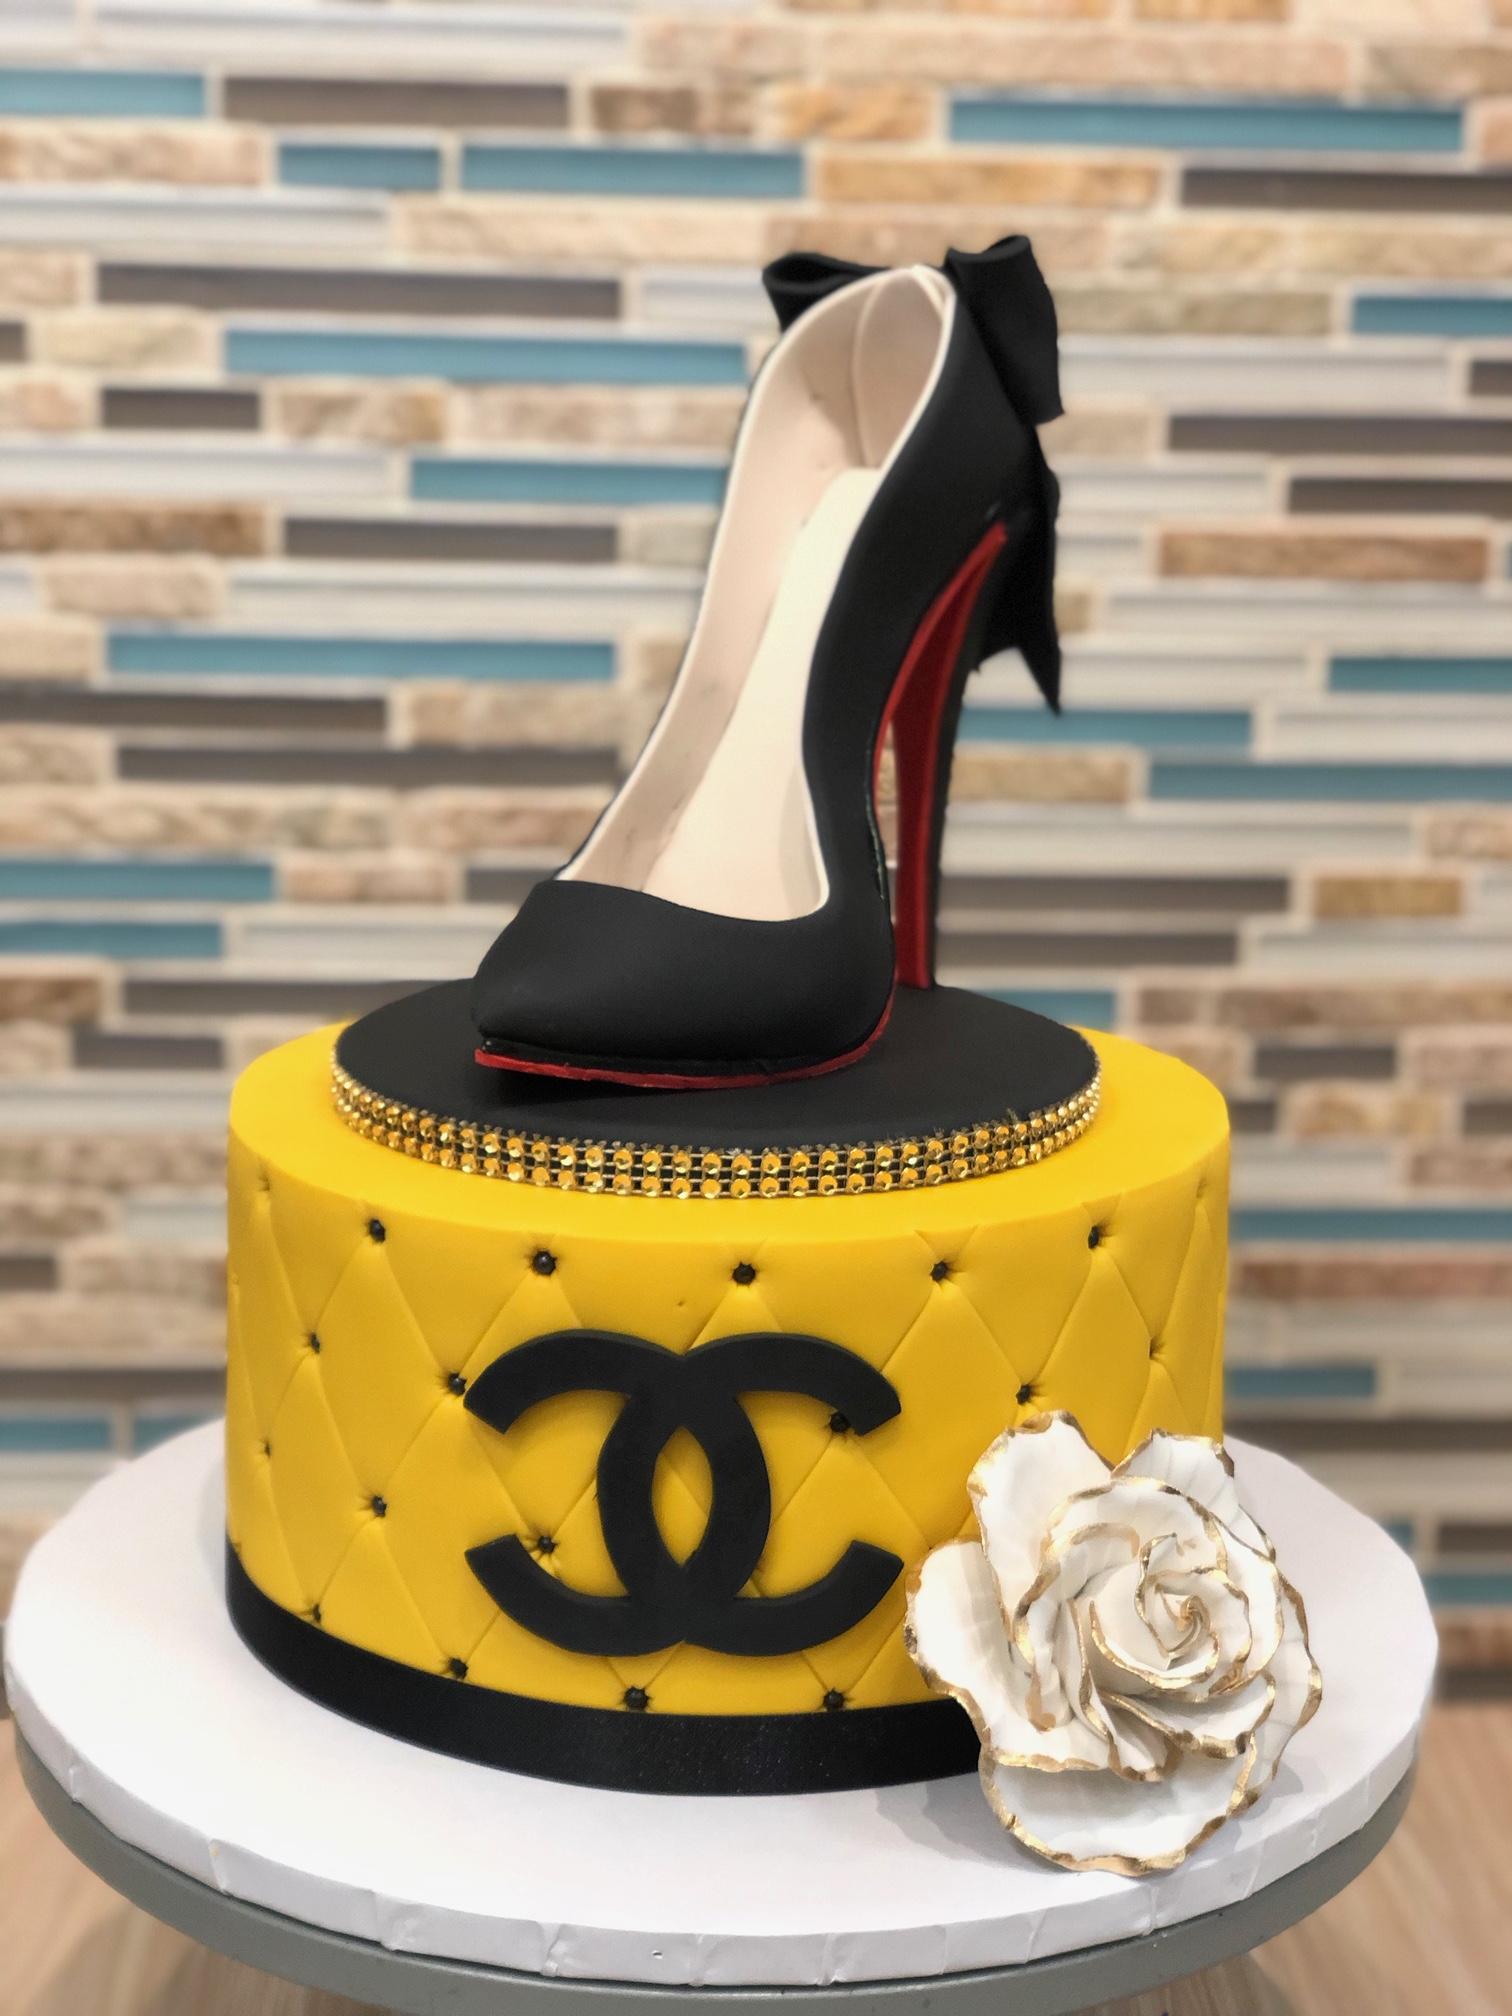 Chanel/Louboutin Heel Cake